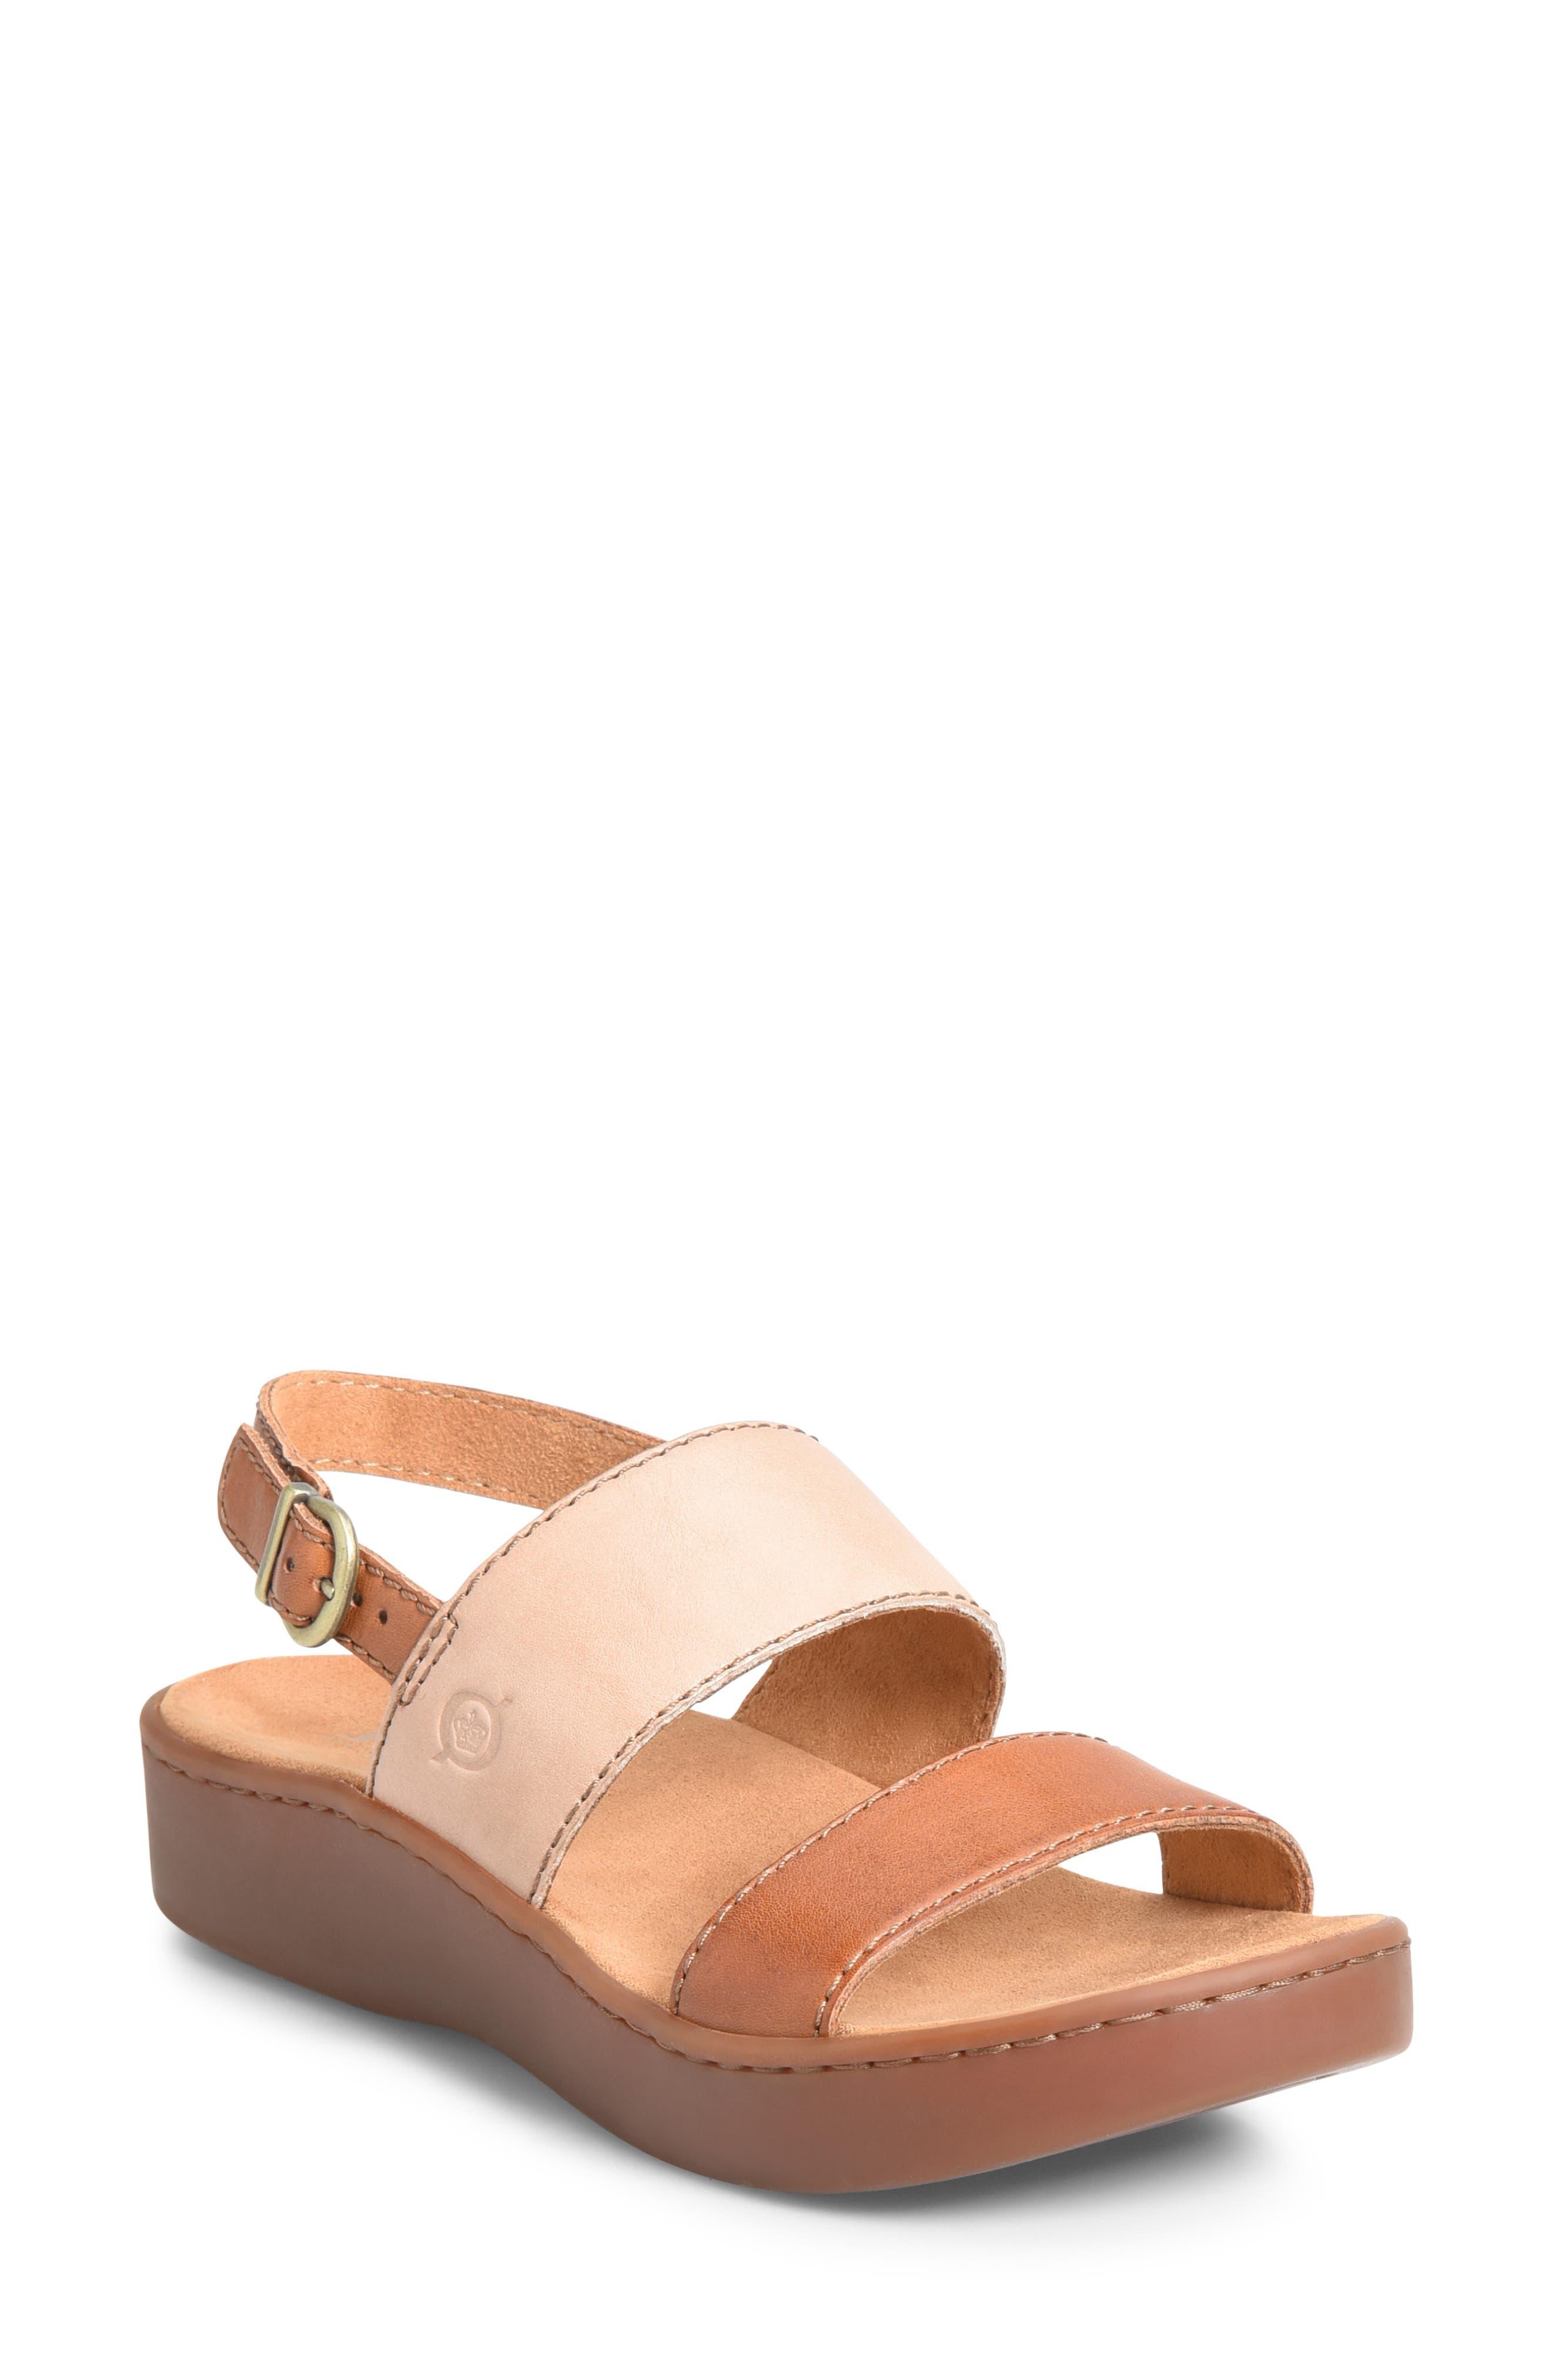 B?rn Oconee Platform Sandal, Brown